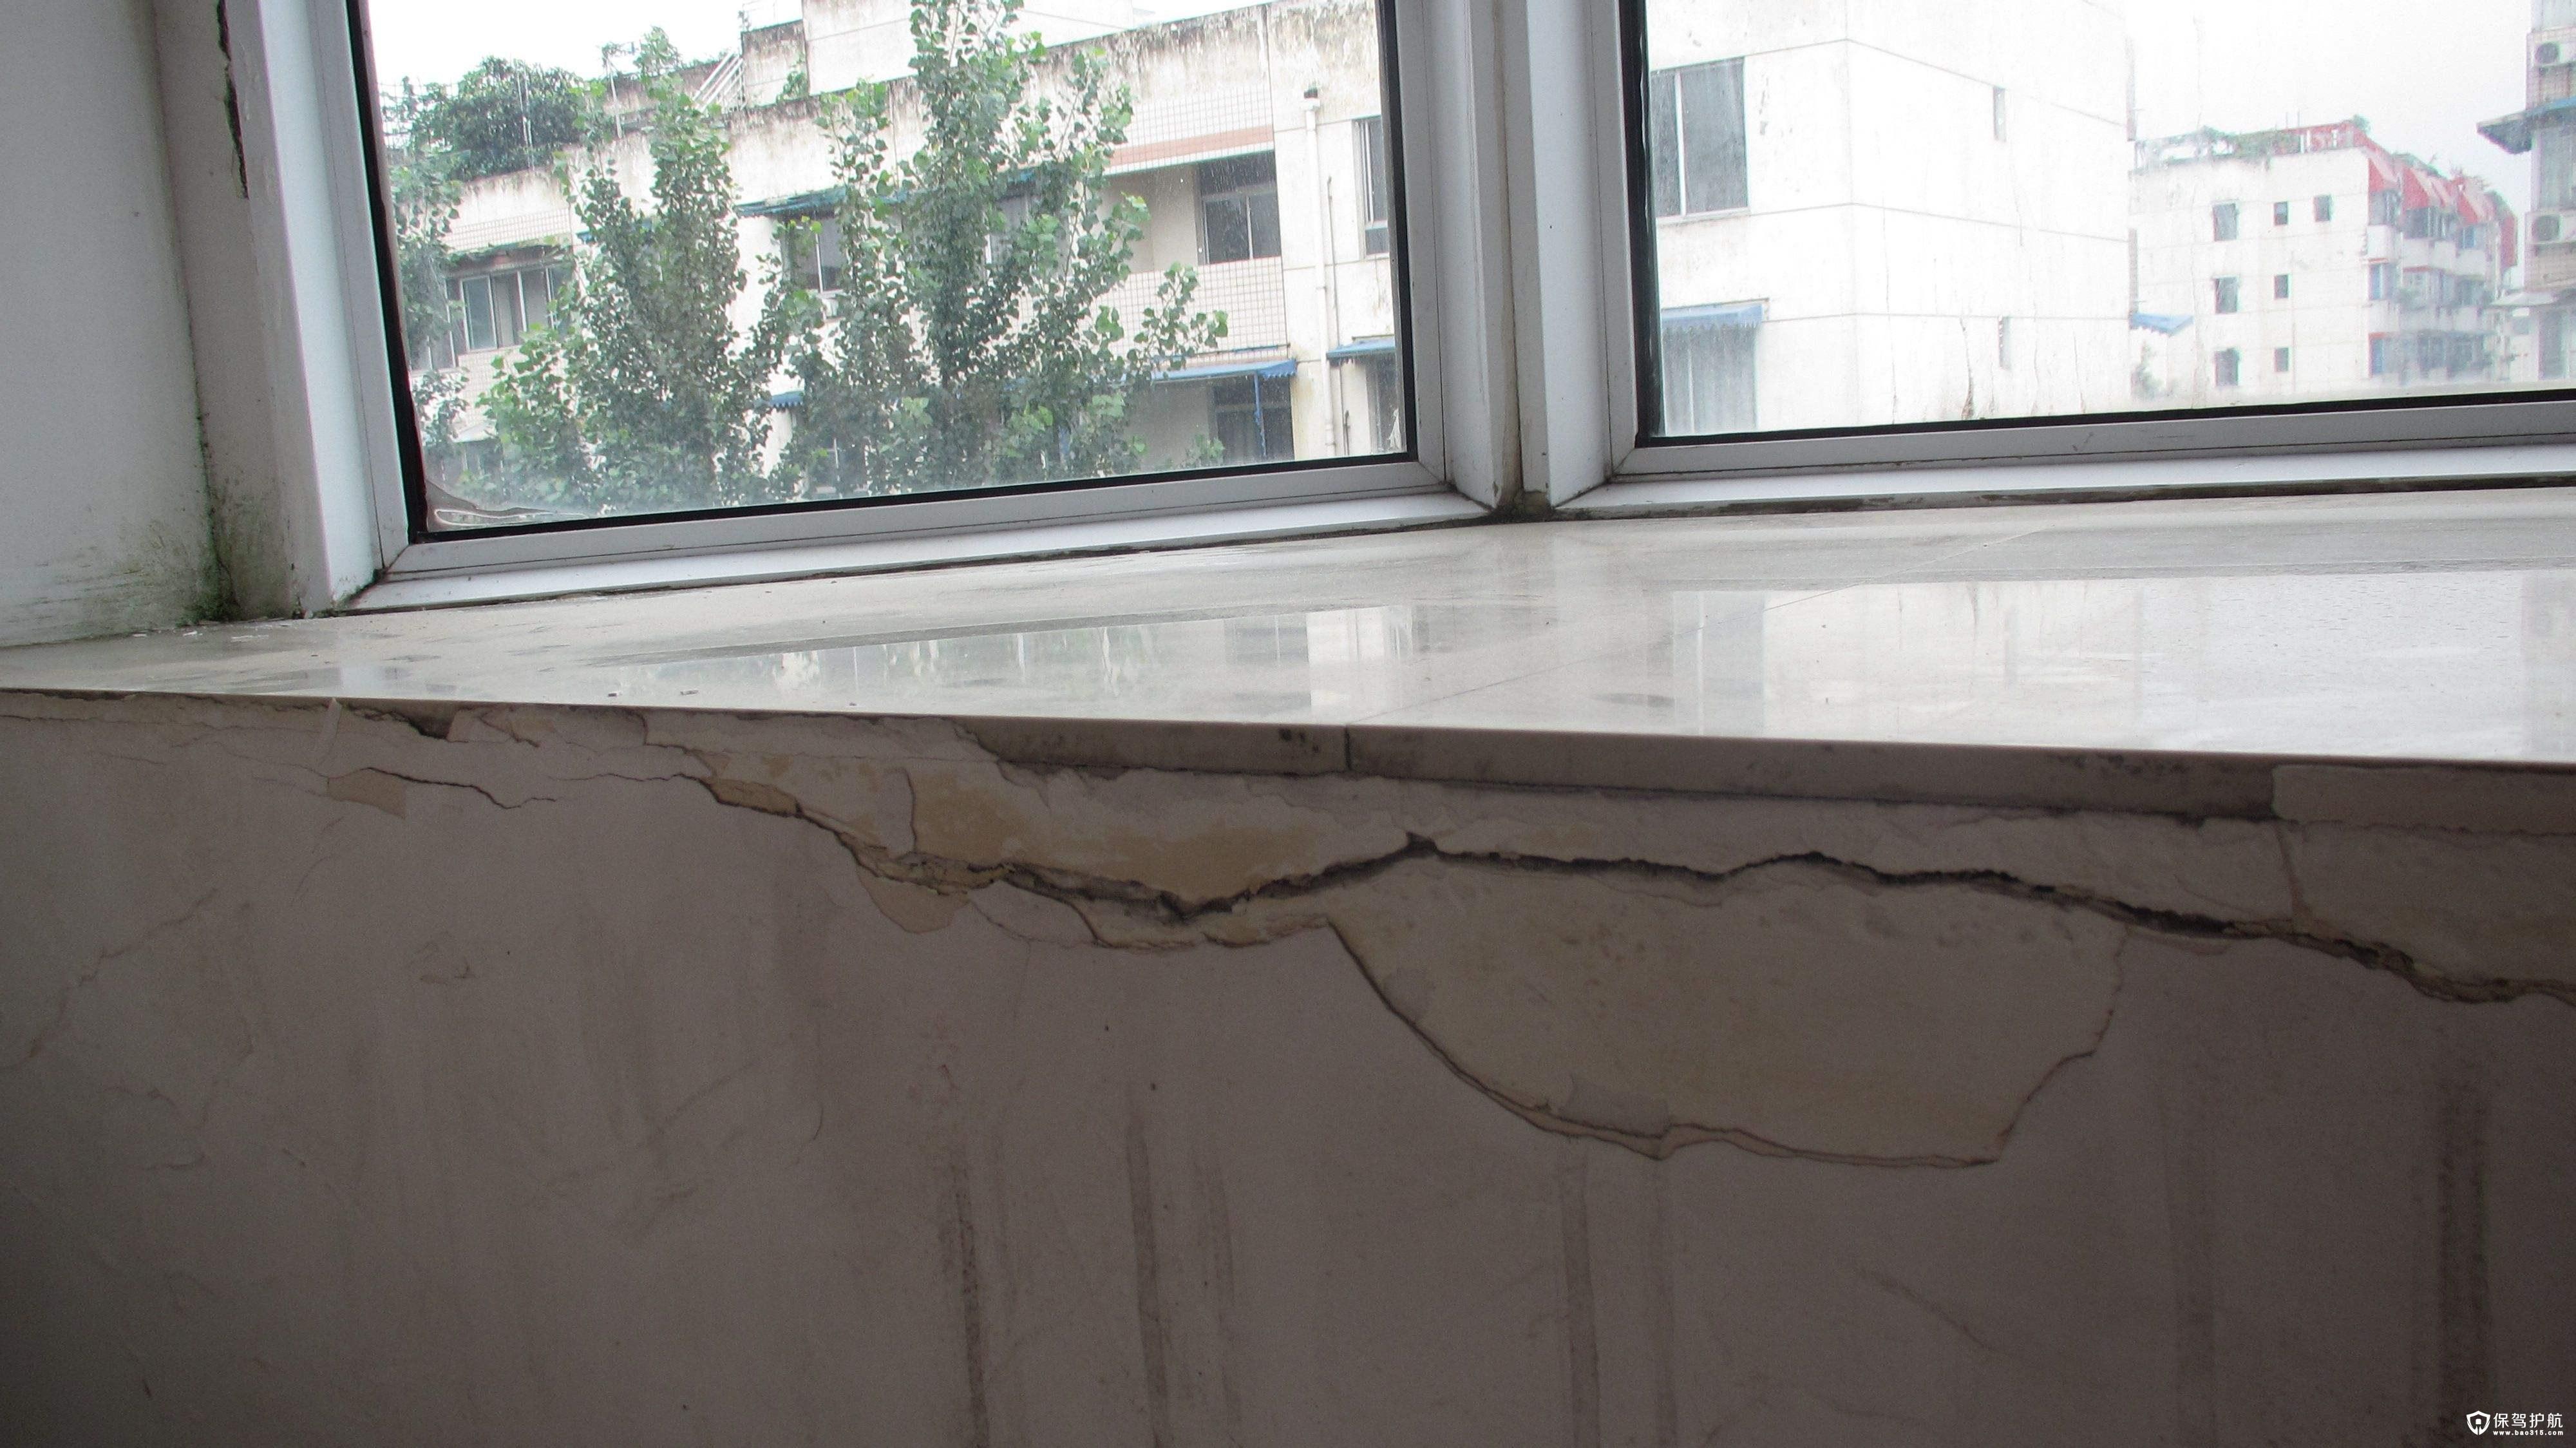 飘窗漏水的原因是什么,该怎么解决